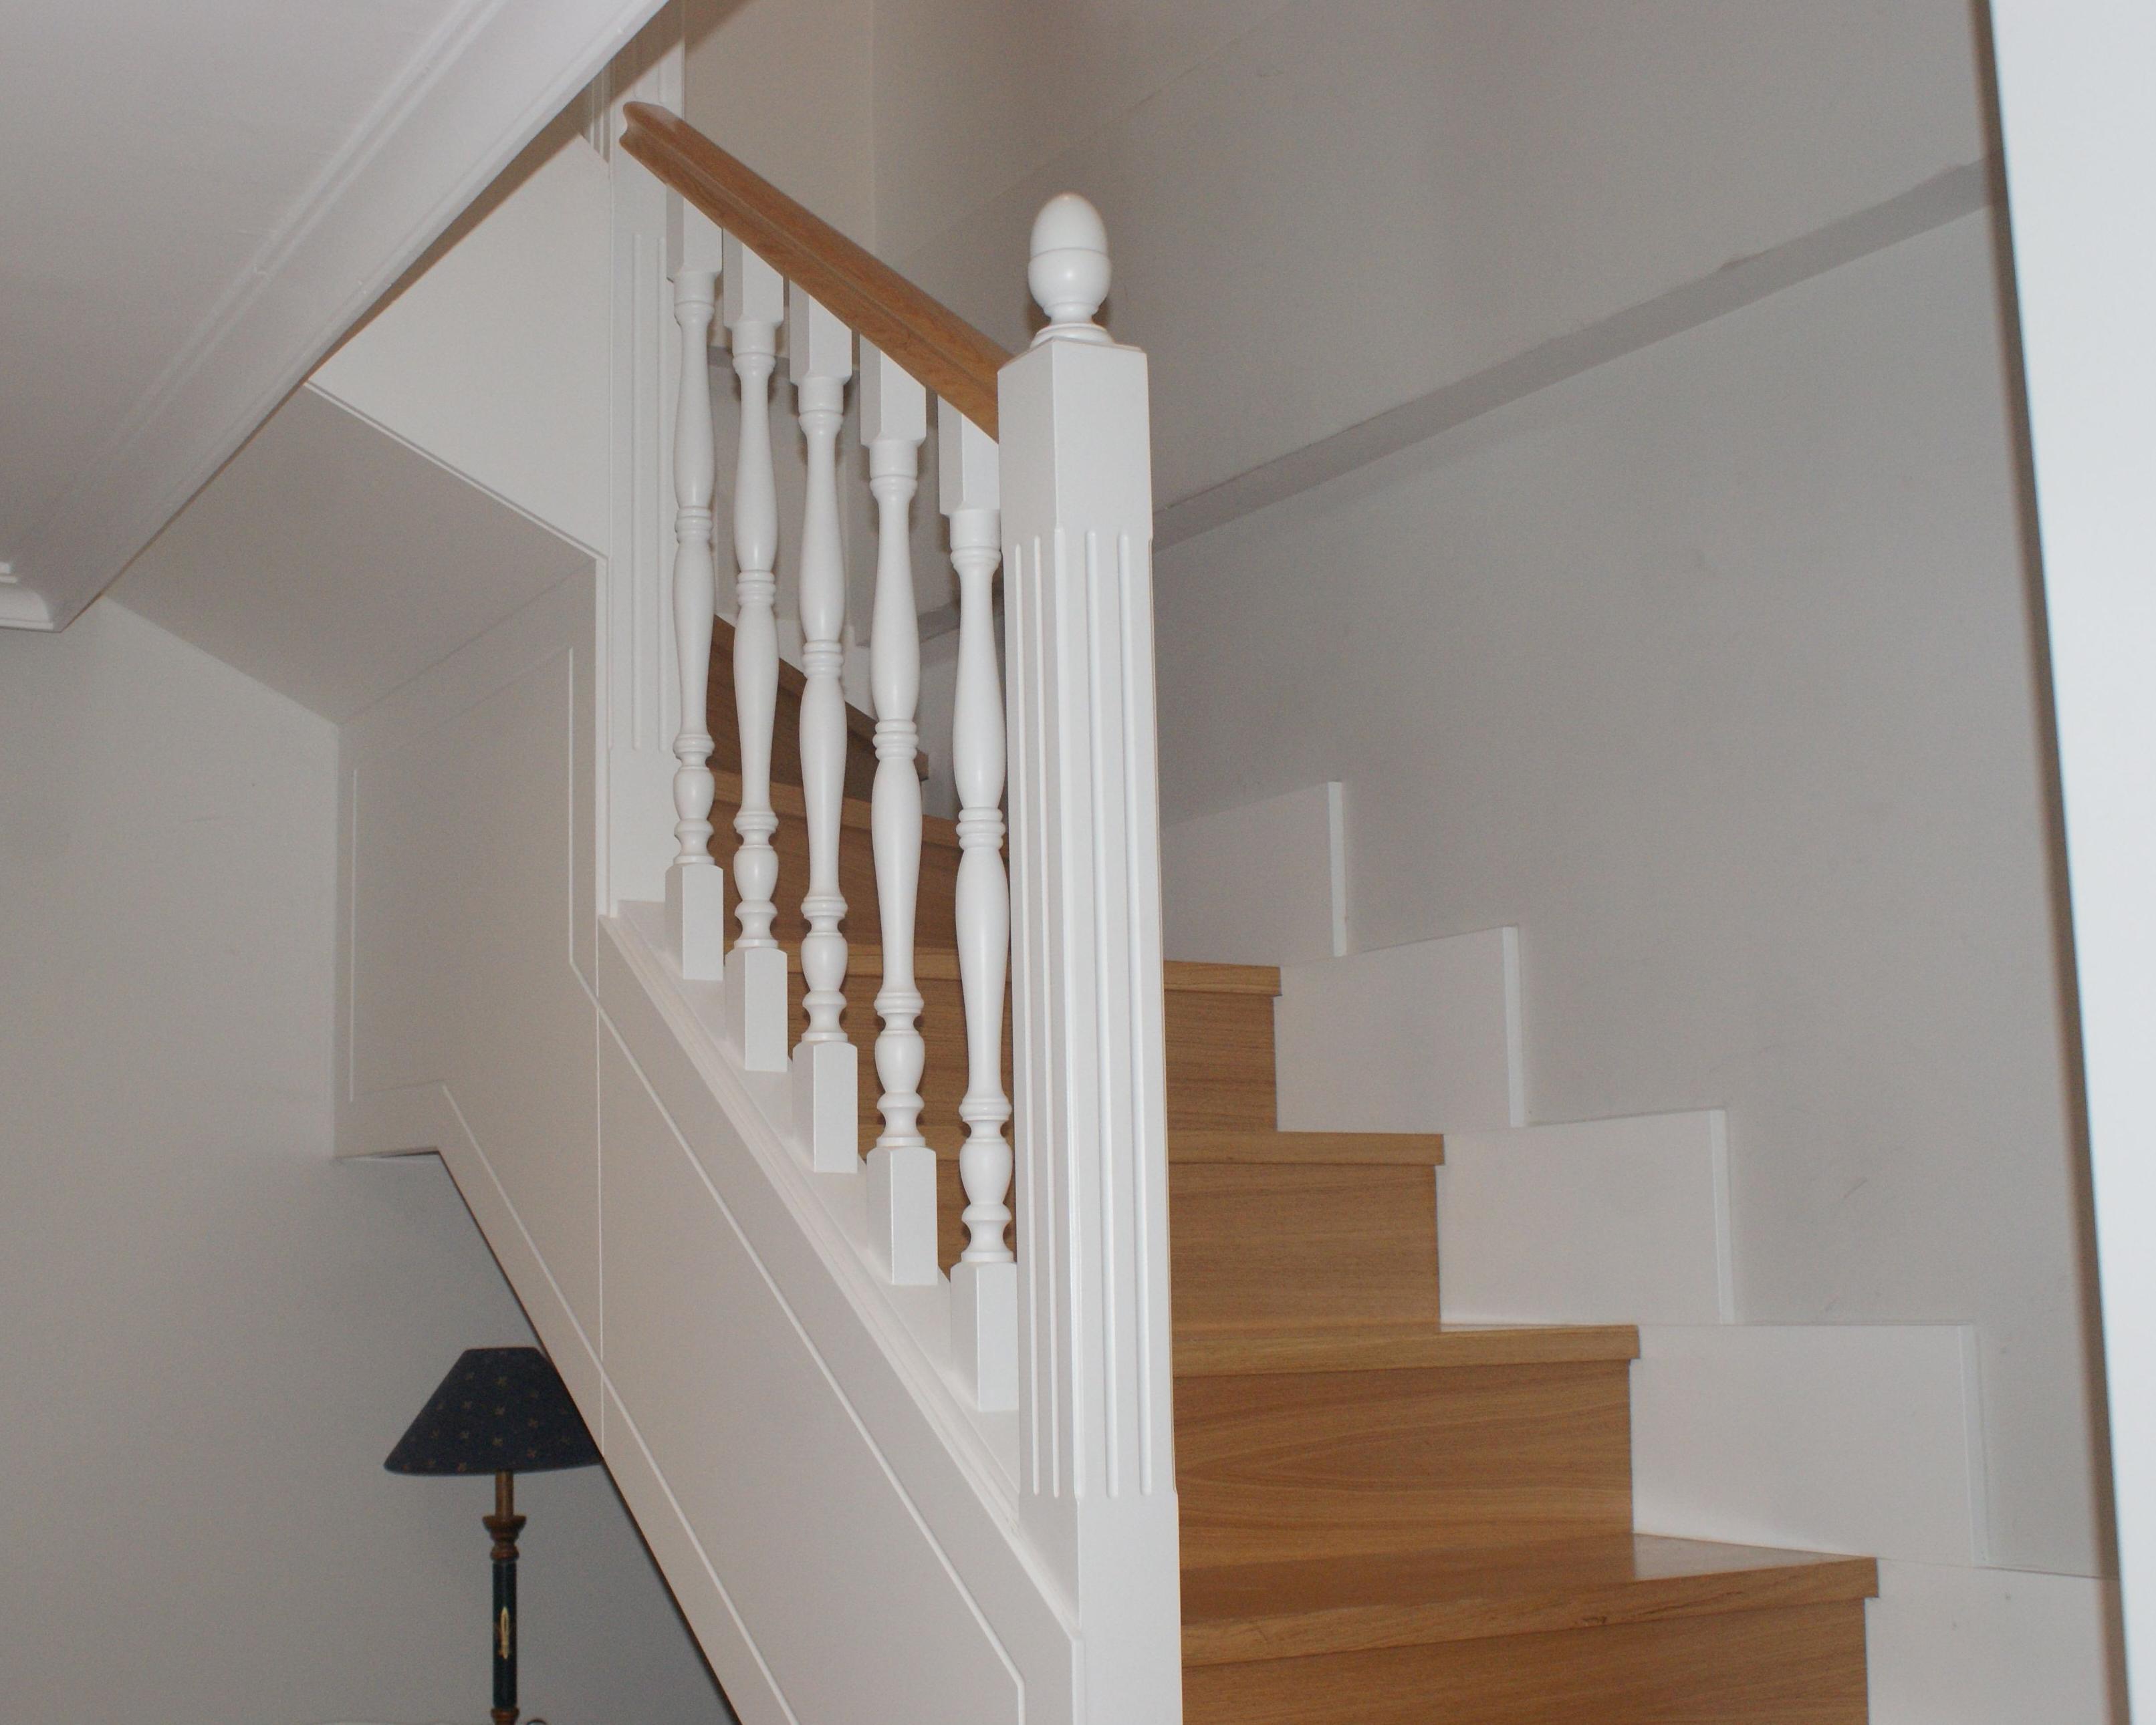 Escaleras de madera a medida lacadas cat logo de - Madera para escalones de escalera ...